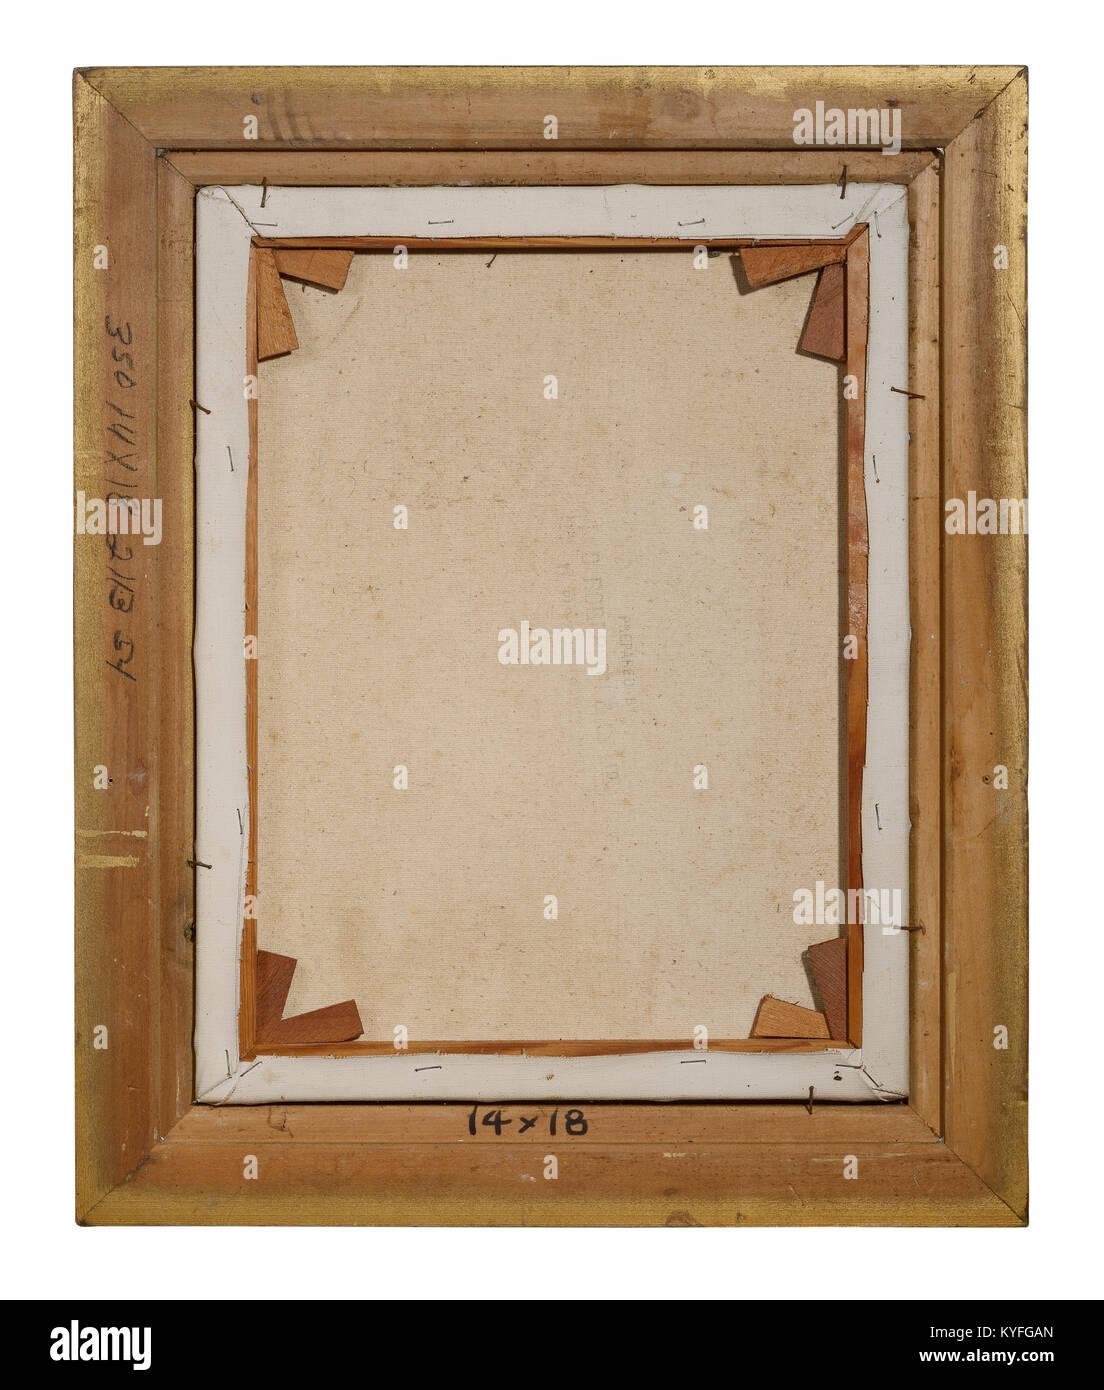 Inversione di una cornice per una pittura a olio su tela di canapa Immagini Stock